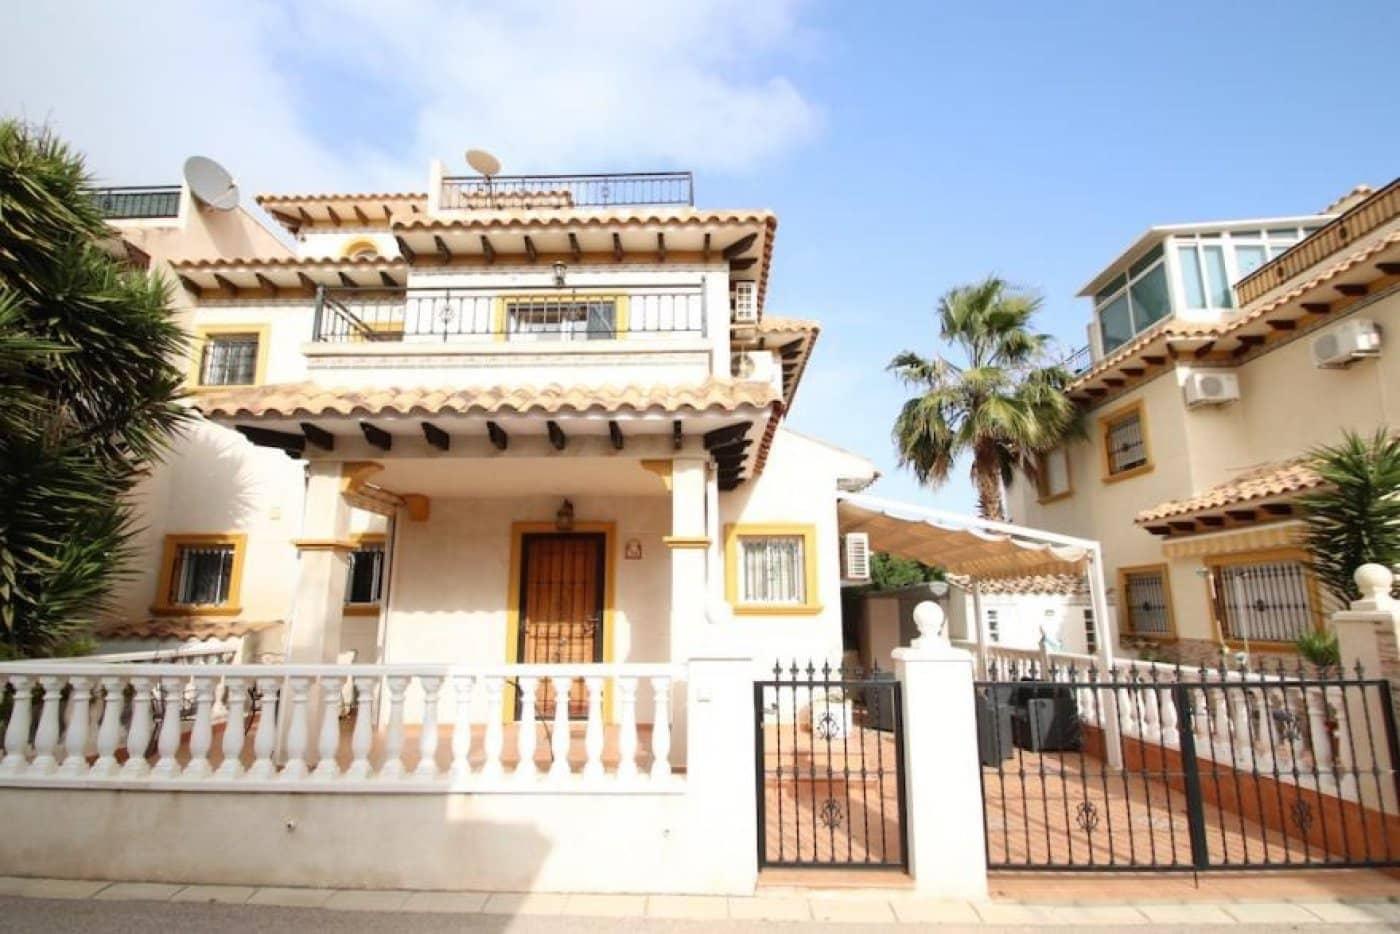 Bungalow de 2 habitaciones en Playa Flamenca en venta con piscina - 138.000 € (Ref: 5094695)